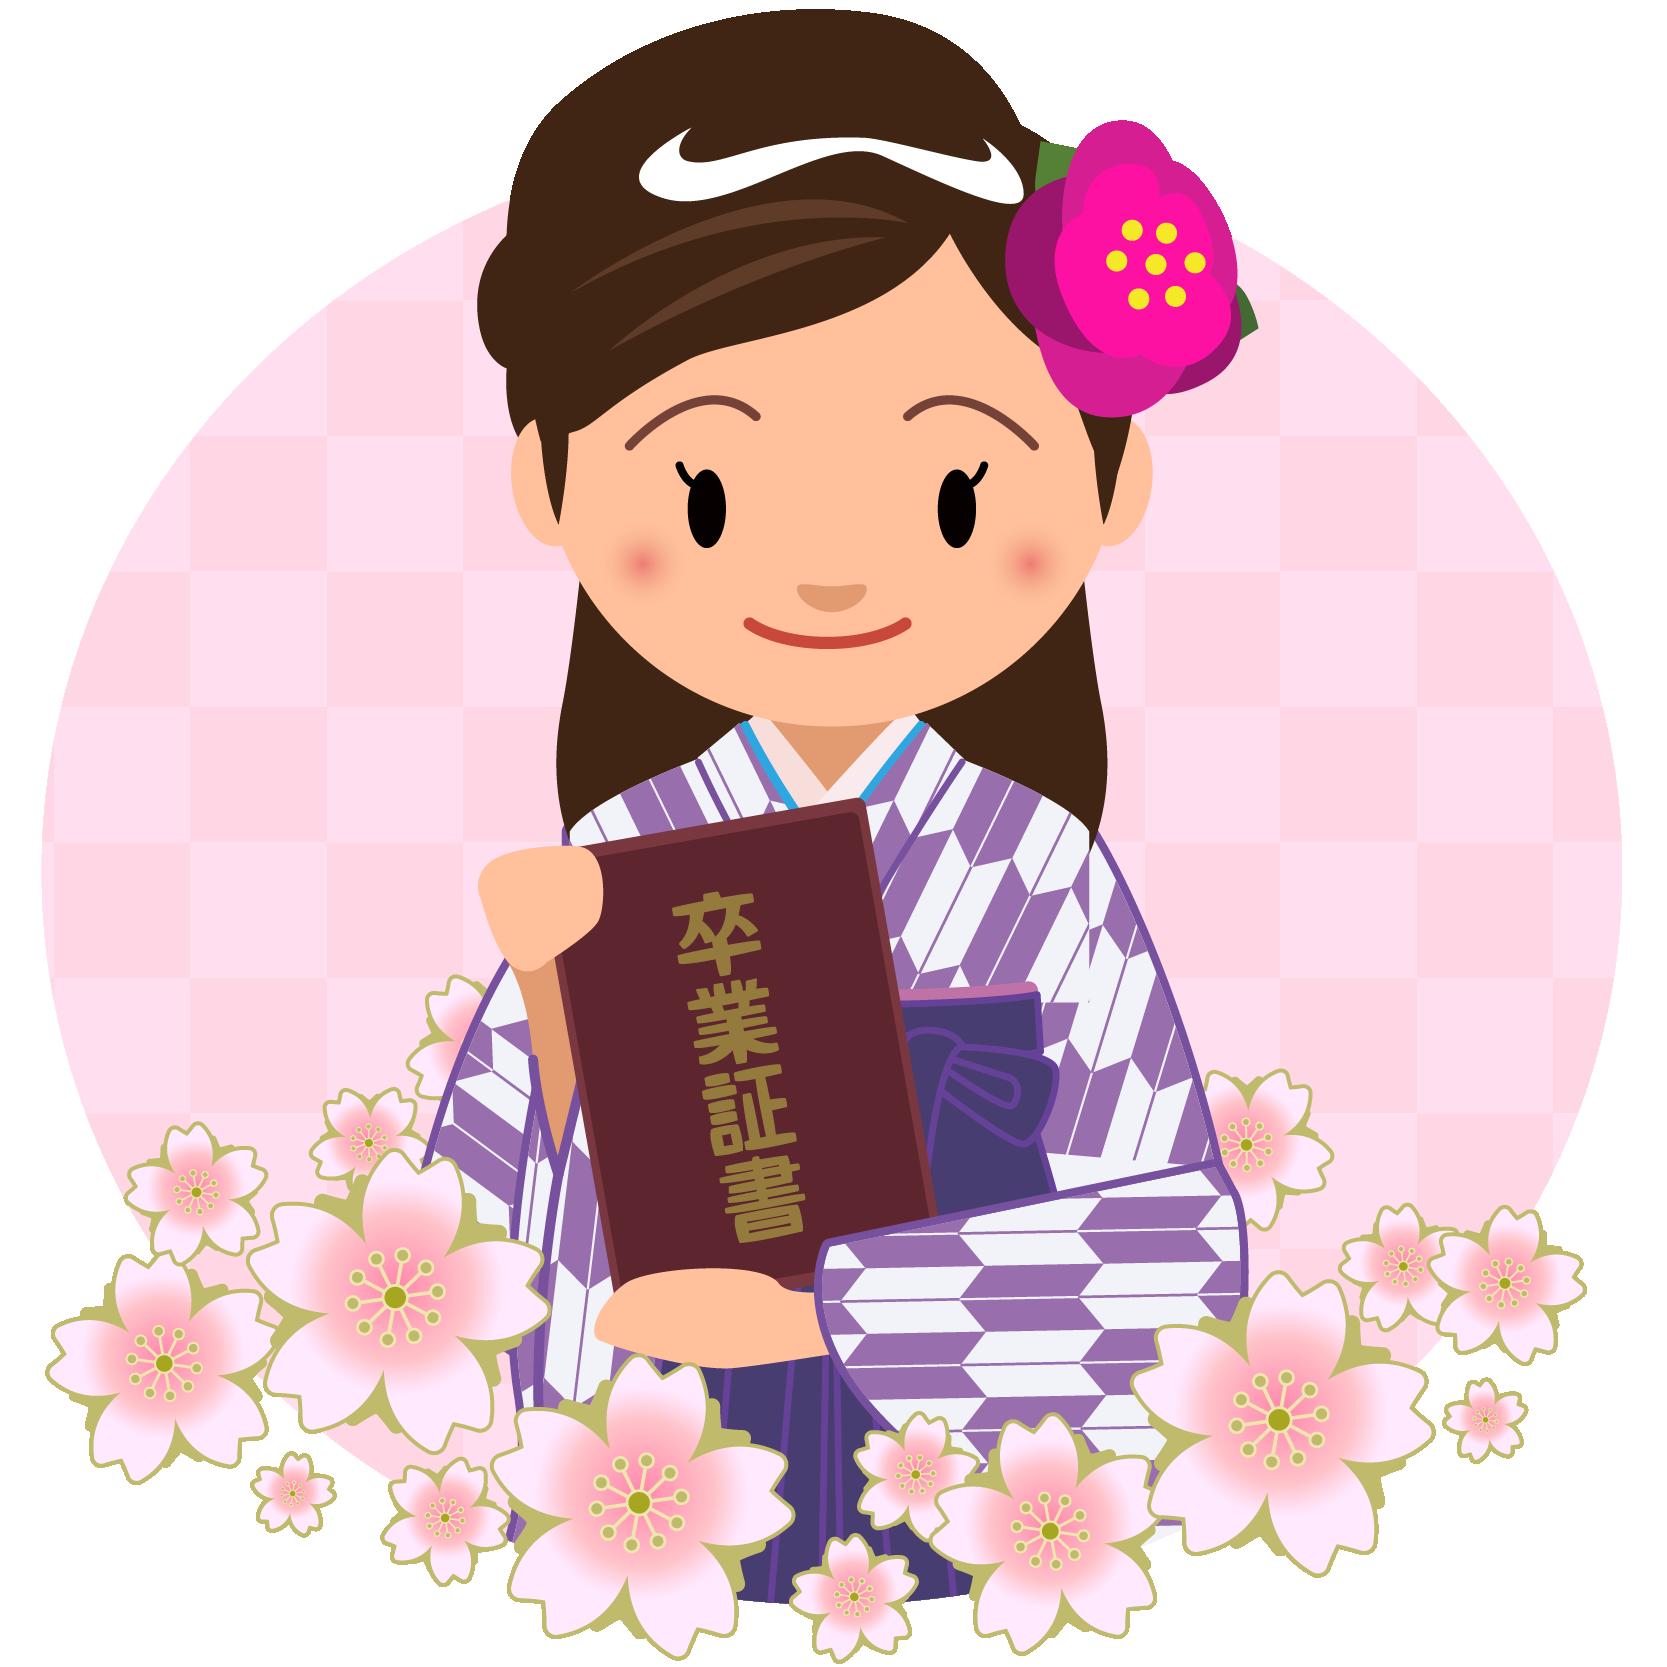 商用フリー・無料イラスト_大学卒業式_袴姿の女の子_矢絣_紫__桜花びらsotsugyo018